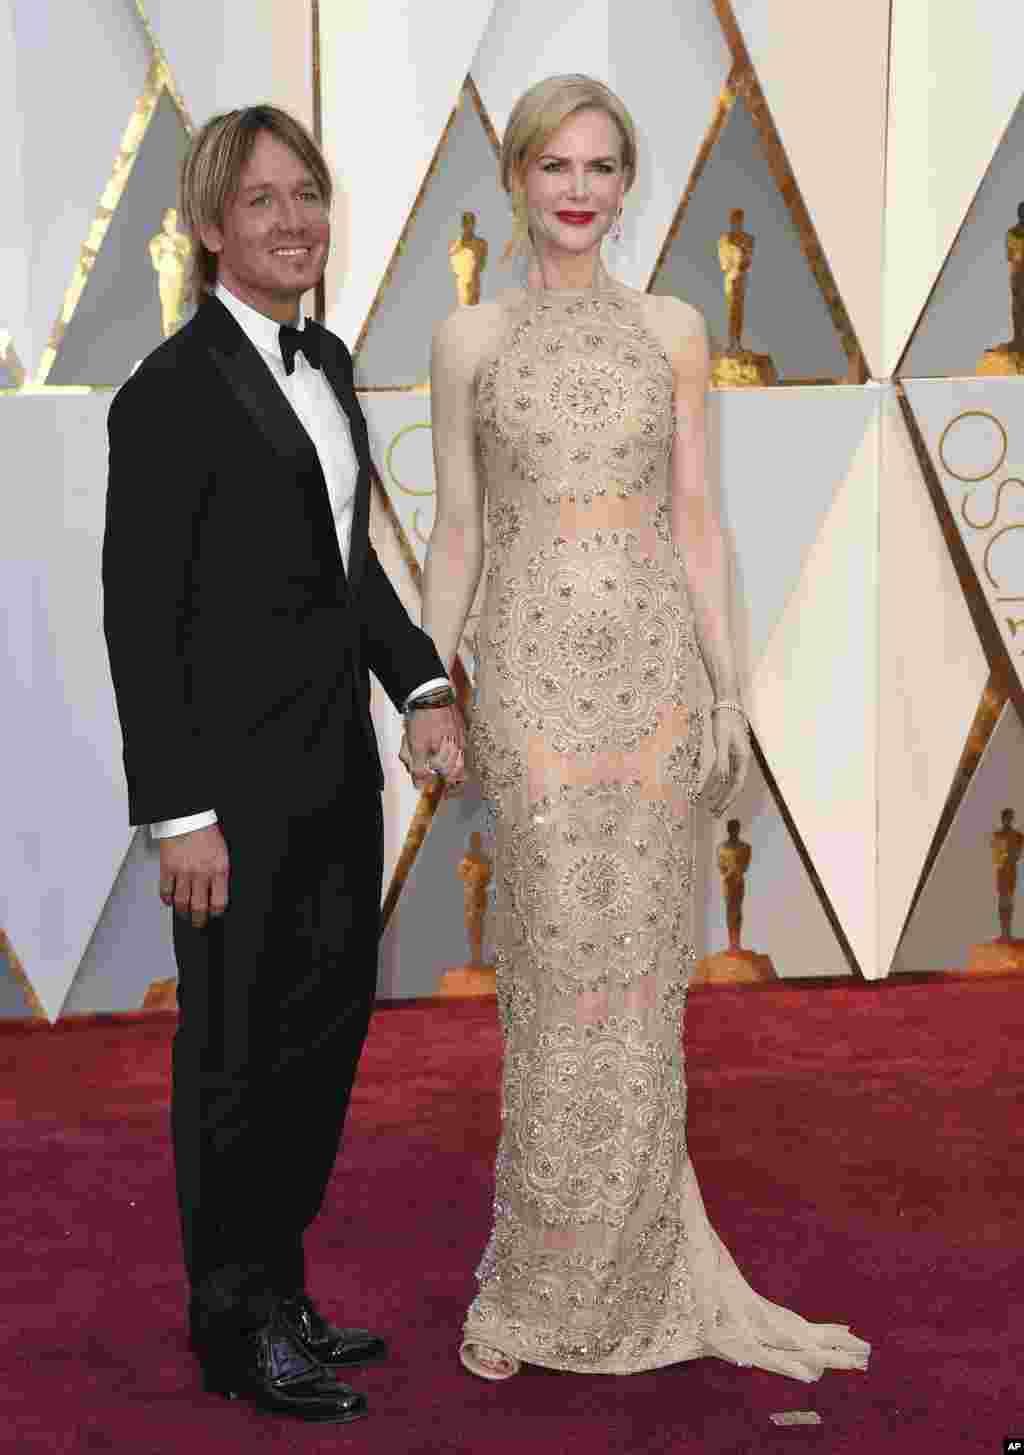 نیکول کیدمن و همسرش کیث اوربن روی فرش قرمز. کیدمن با فیلم لاین یا شیر یکی از نامزدهای بهترین بازیگر نقش مکمل زن شده است.